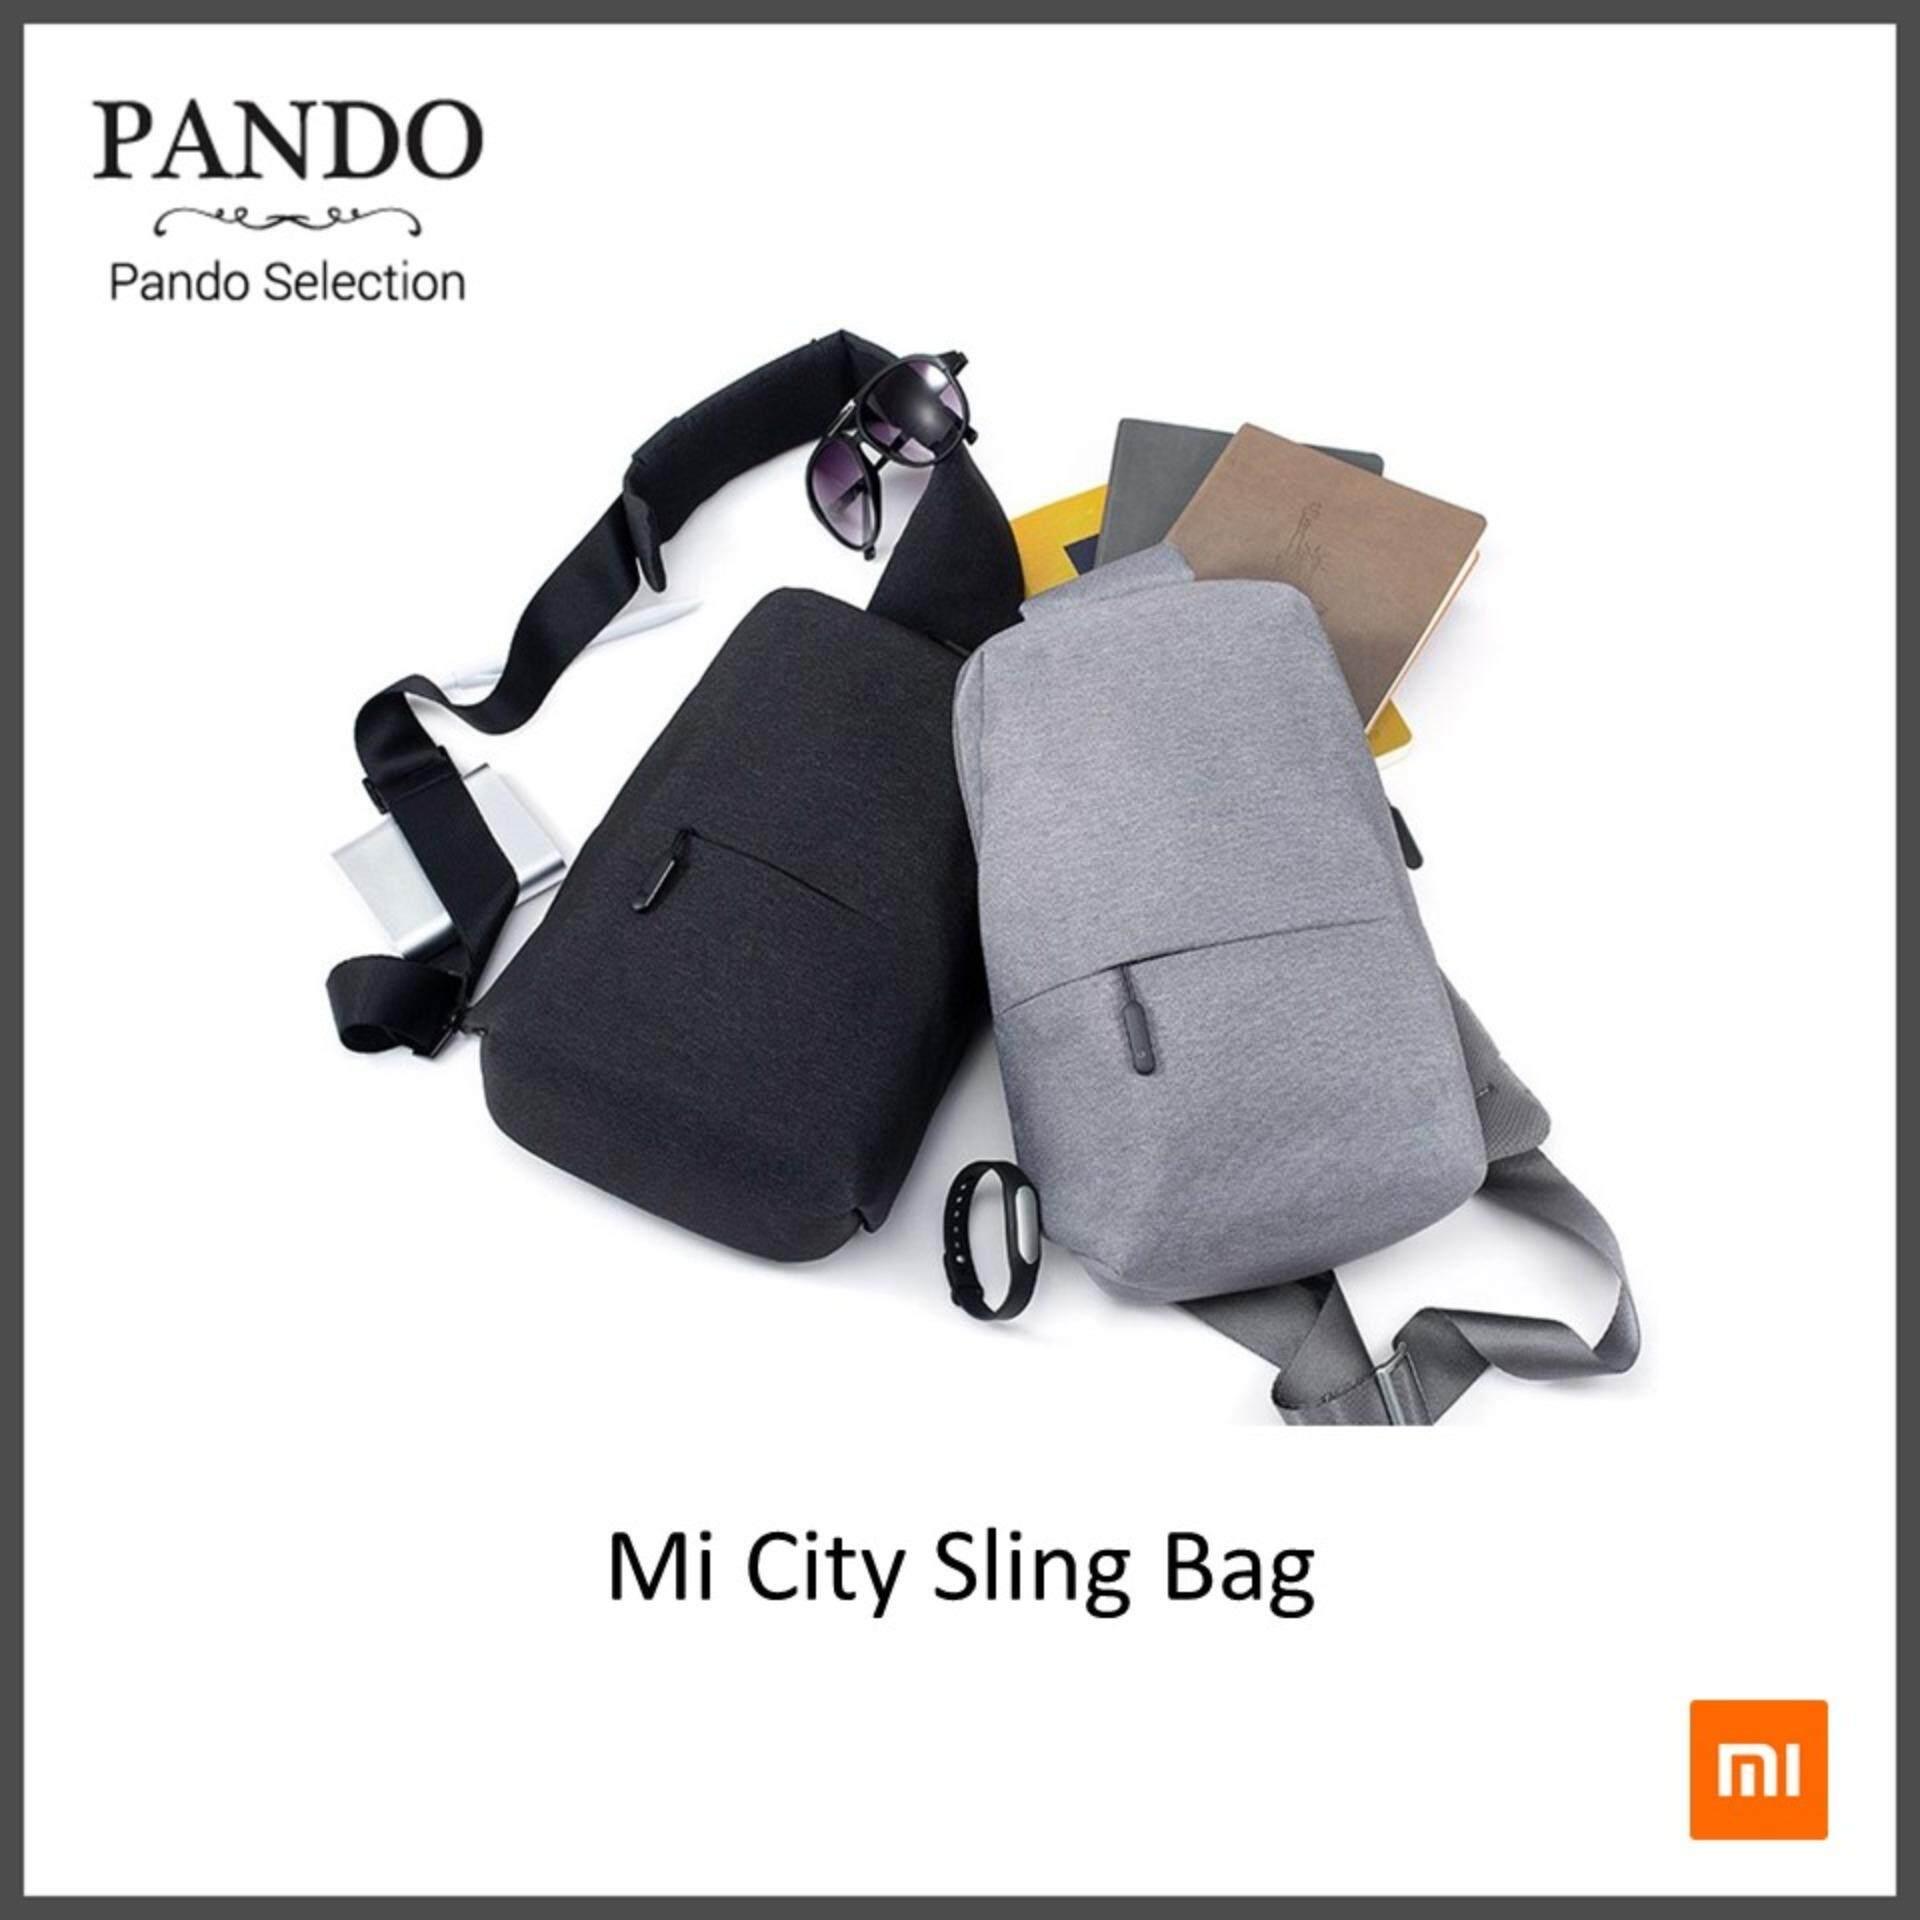 กระเป๋าถือ นักเรียน ผู้หญิง วัยรุ่น กาญจนบุรี Xiaomi Mi City Sling Bag  Dark and Light Grey  สะพายข้าง ของแท้ ดีไซน์สวย คุณภาพพรีเมียม by Pando Selection   Fanslink